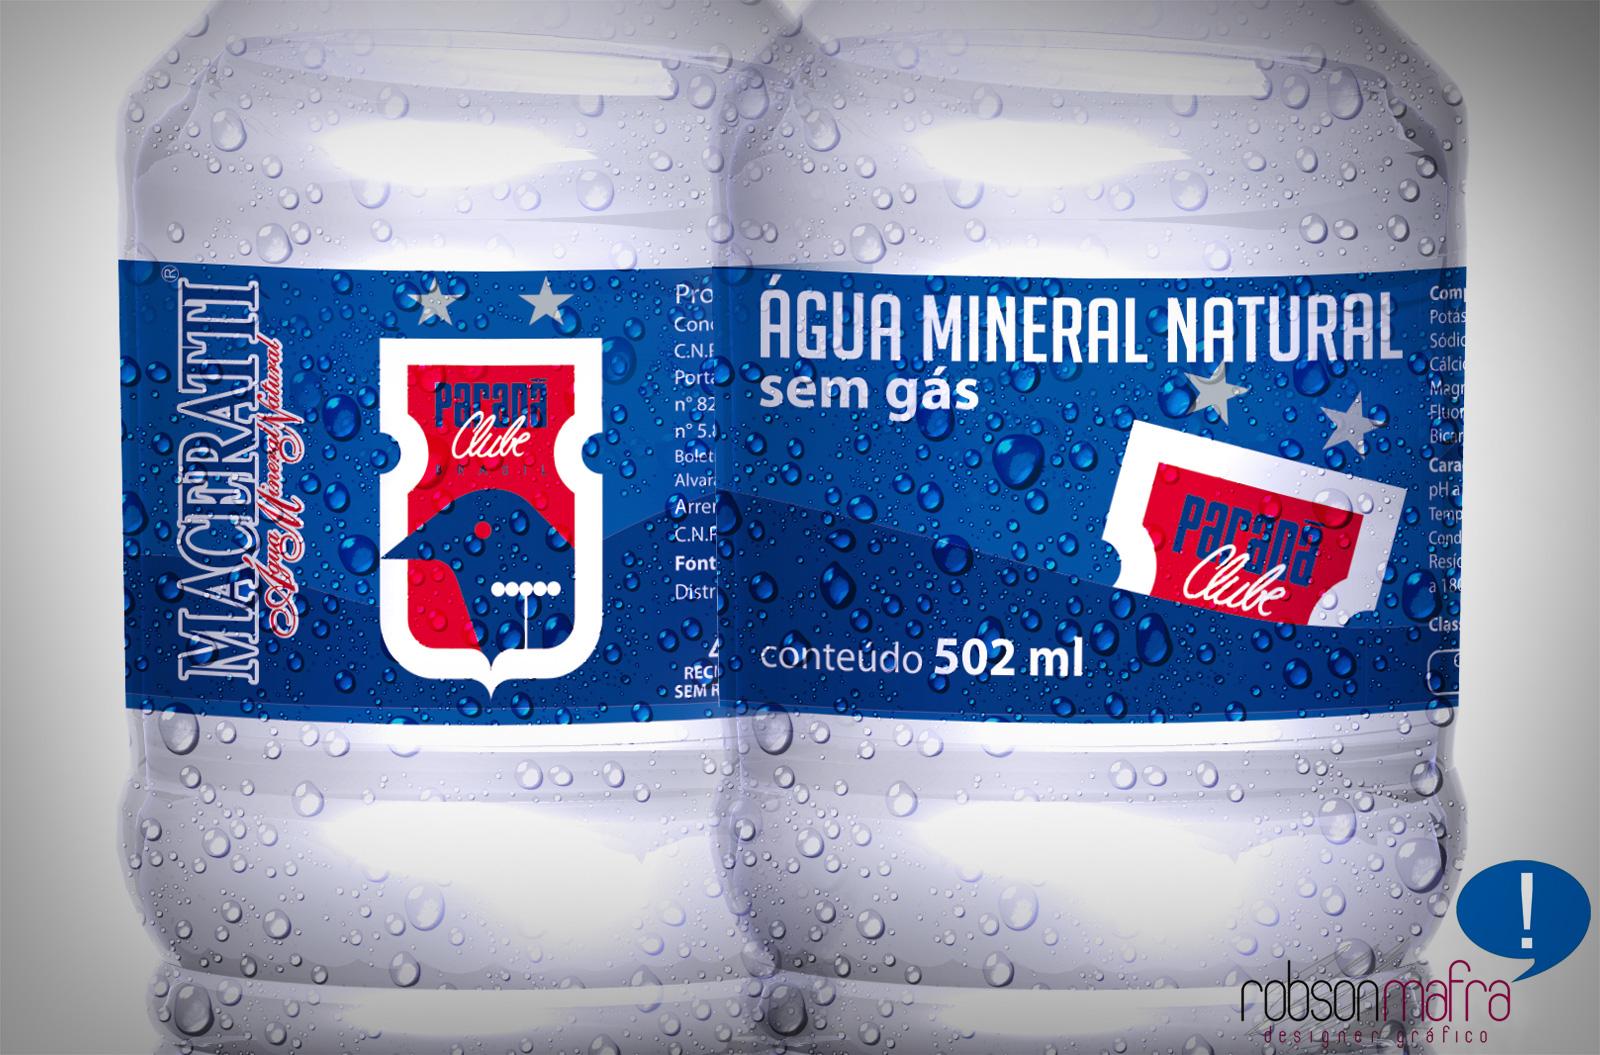 Ilustração digital do rótulo da Água Mineral do Paraná Clube, produzido em 2010.